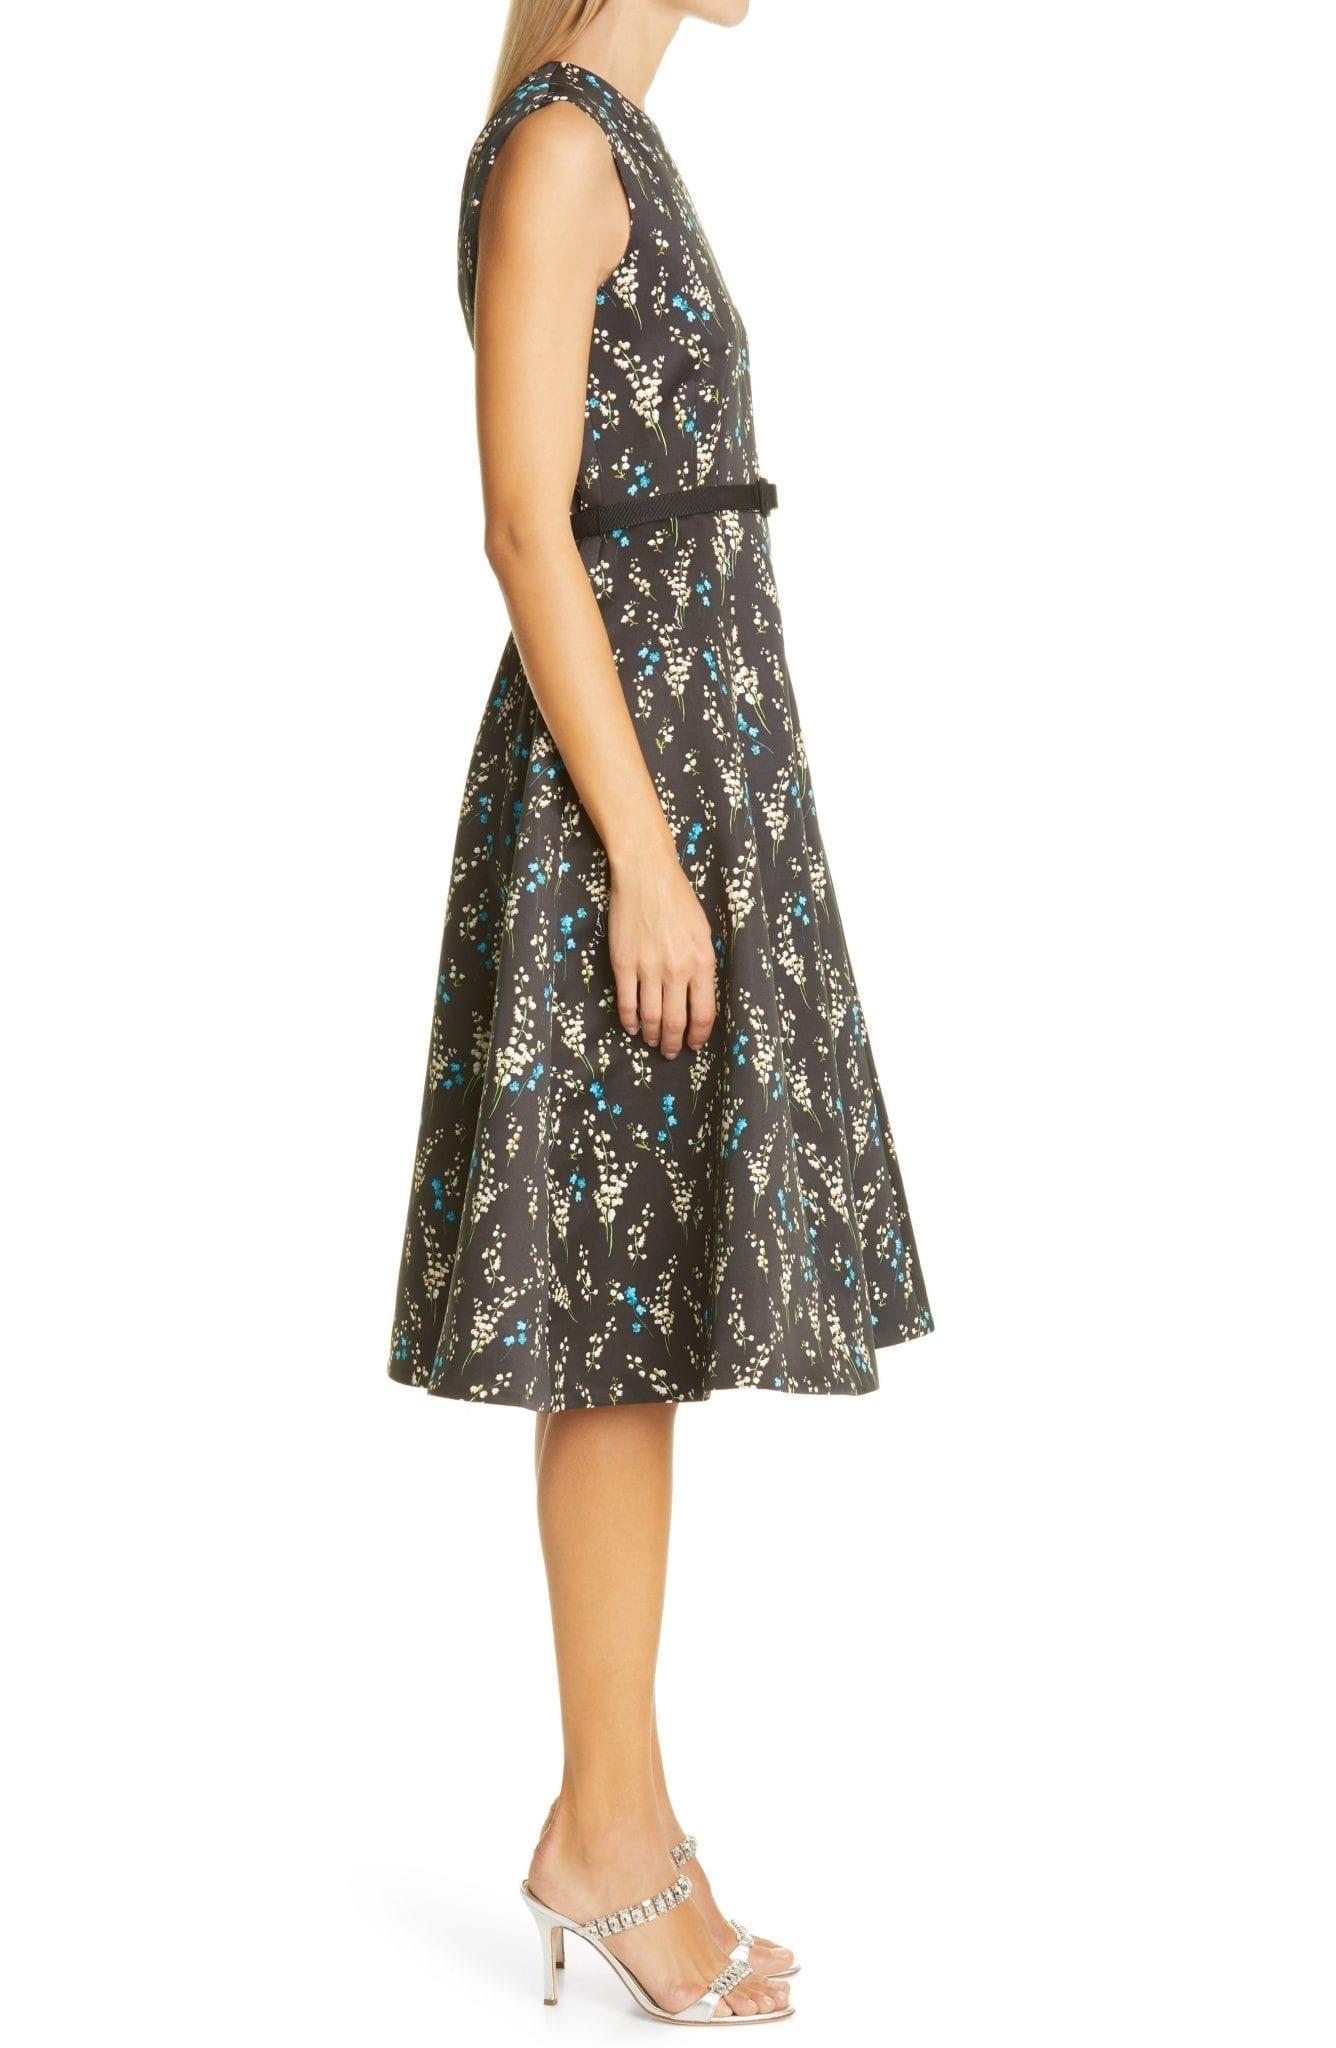 ERDEM Floral Print Belted A-Line Satin Dress